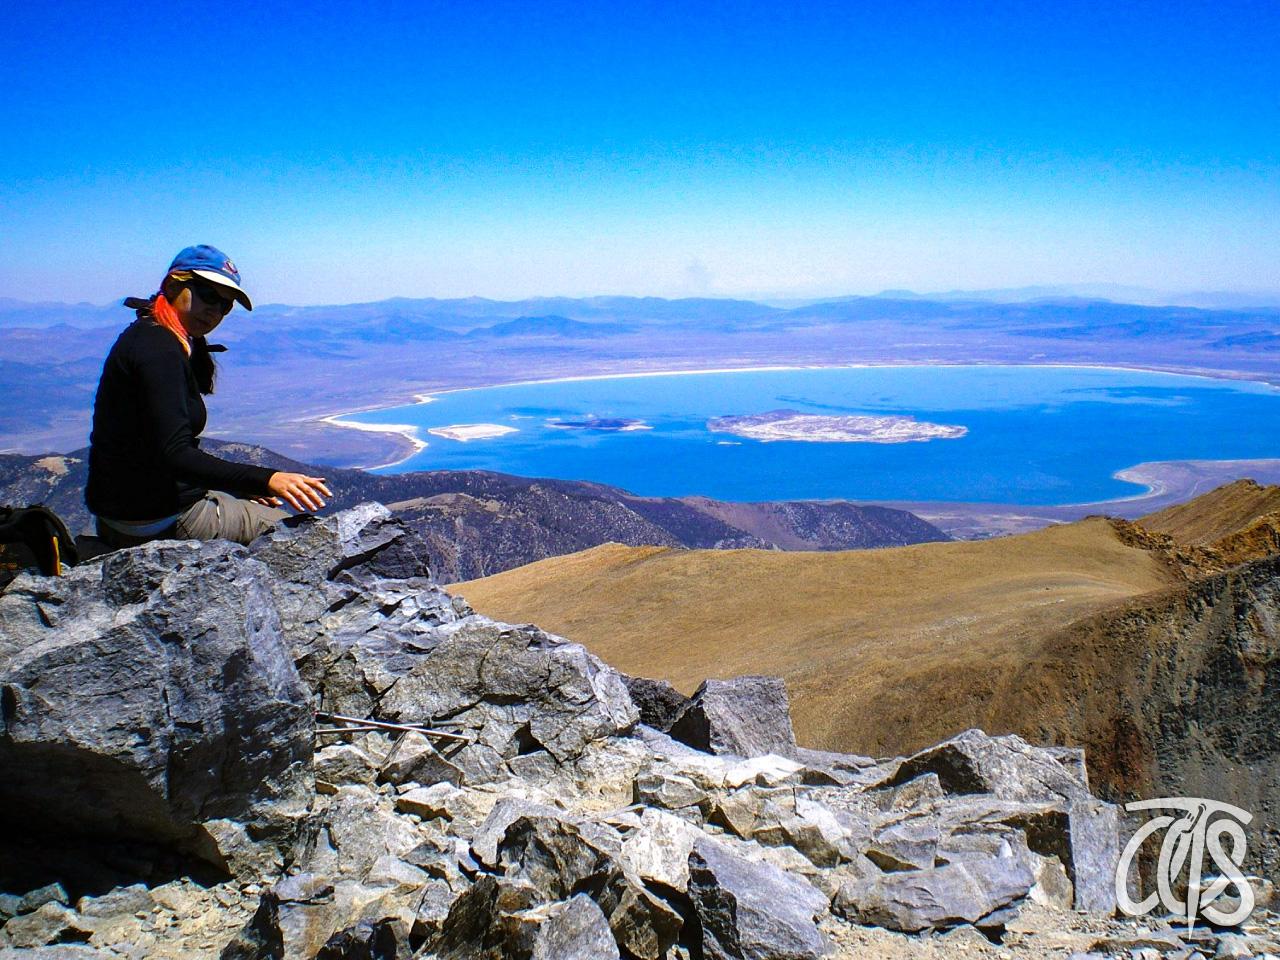 Mtデイナ頂上から望むモノレイク